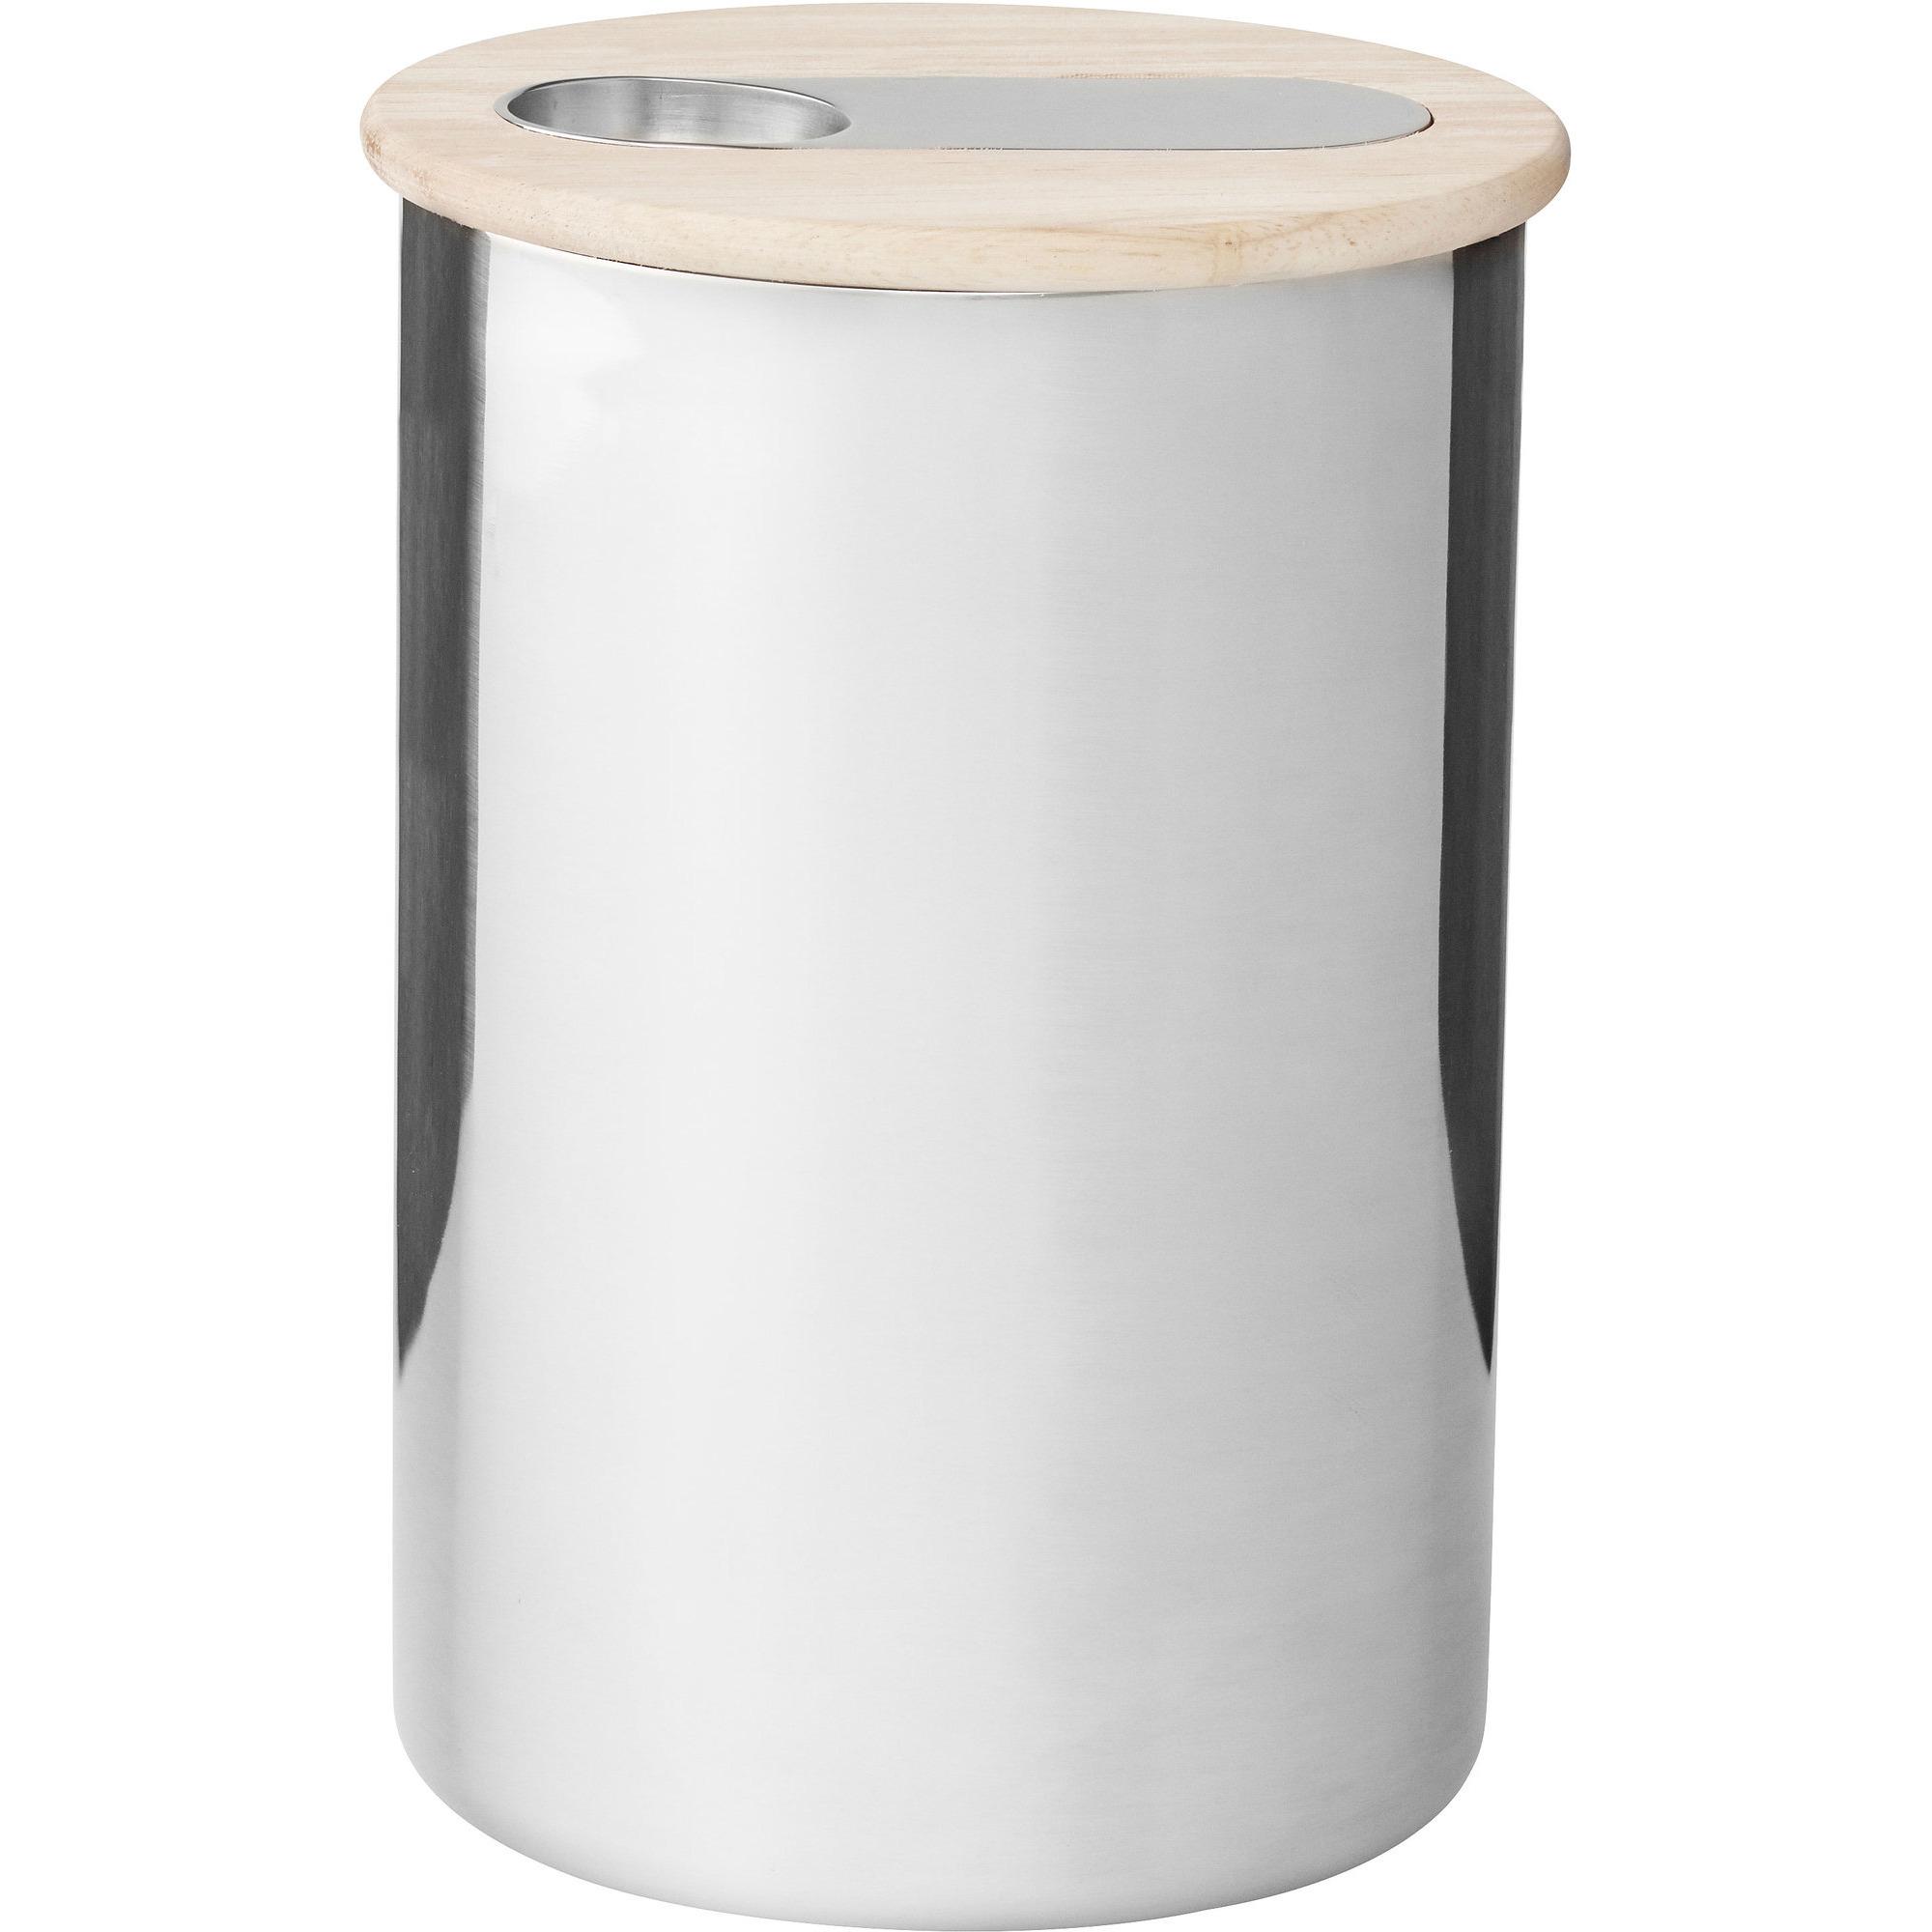 Stelton Scoop kaffebehållare med mått – 500 g